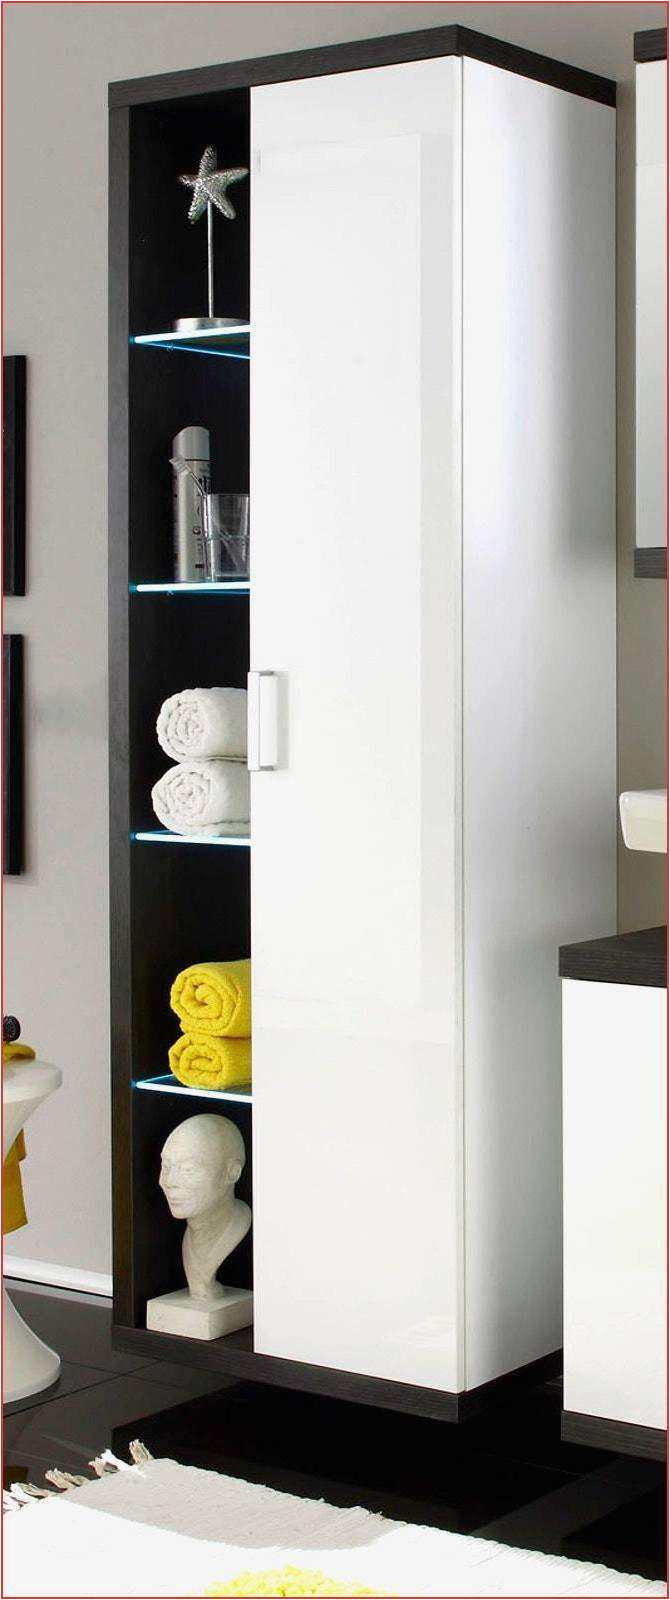 ikea hangeschrank wohnzimmer frisch elegant ikea hangeschrank wohnzimmer of ikea hangeschrank wohnzimmer 1